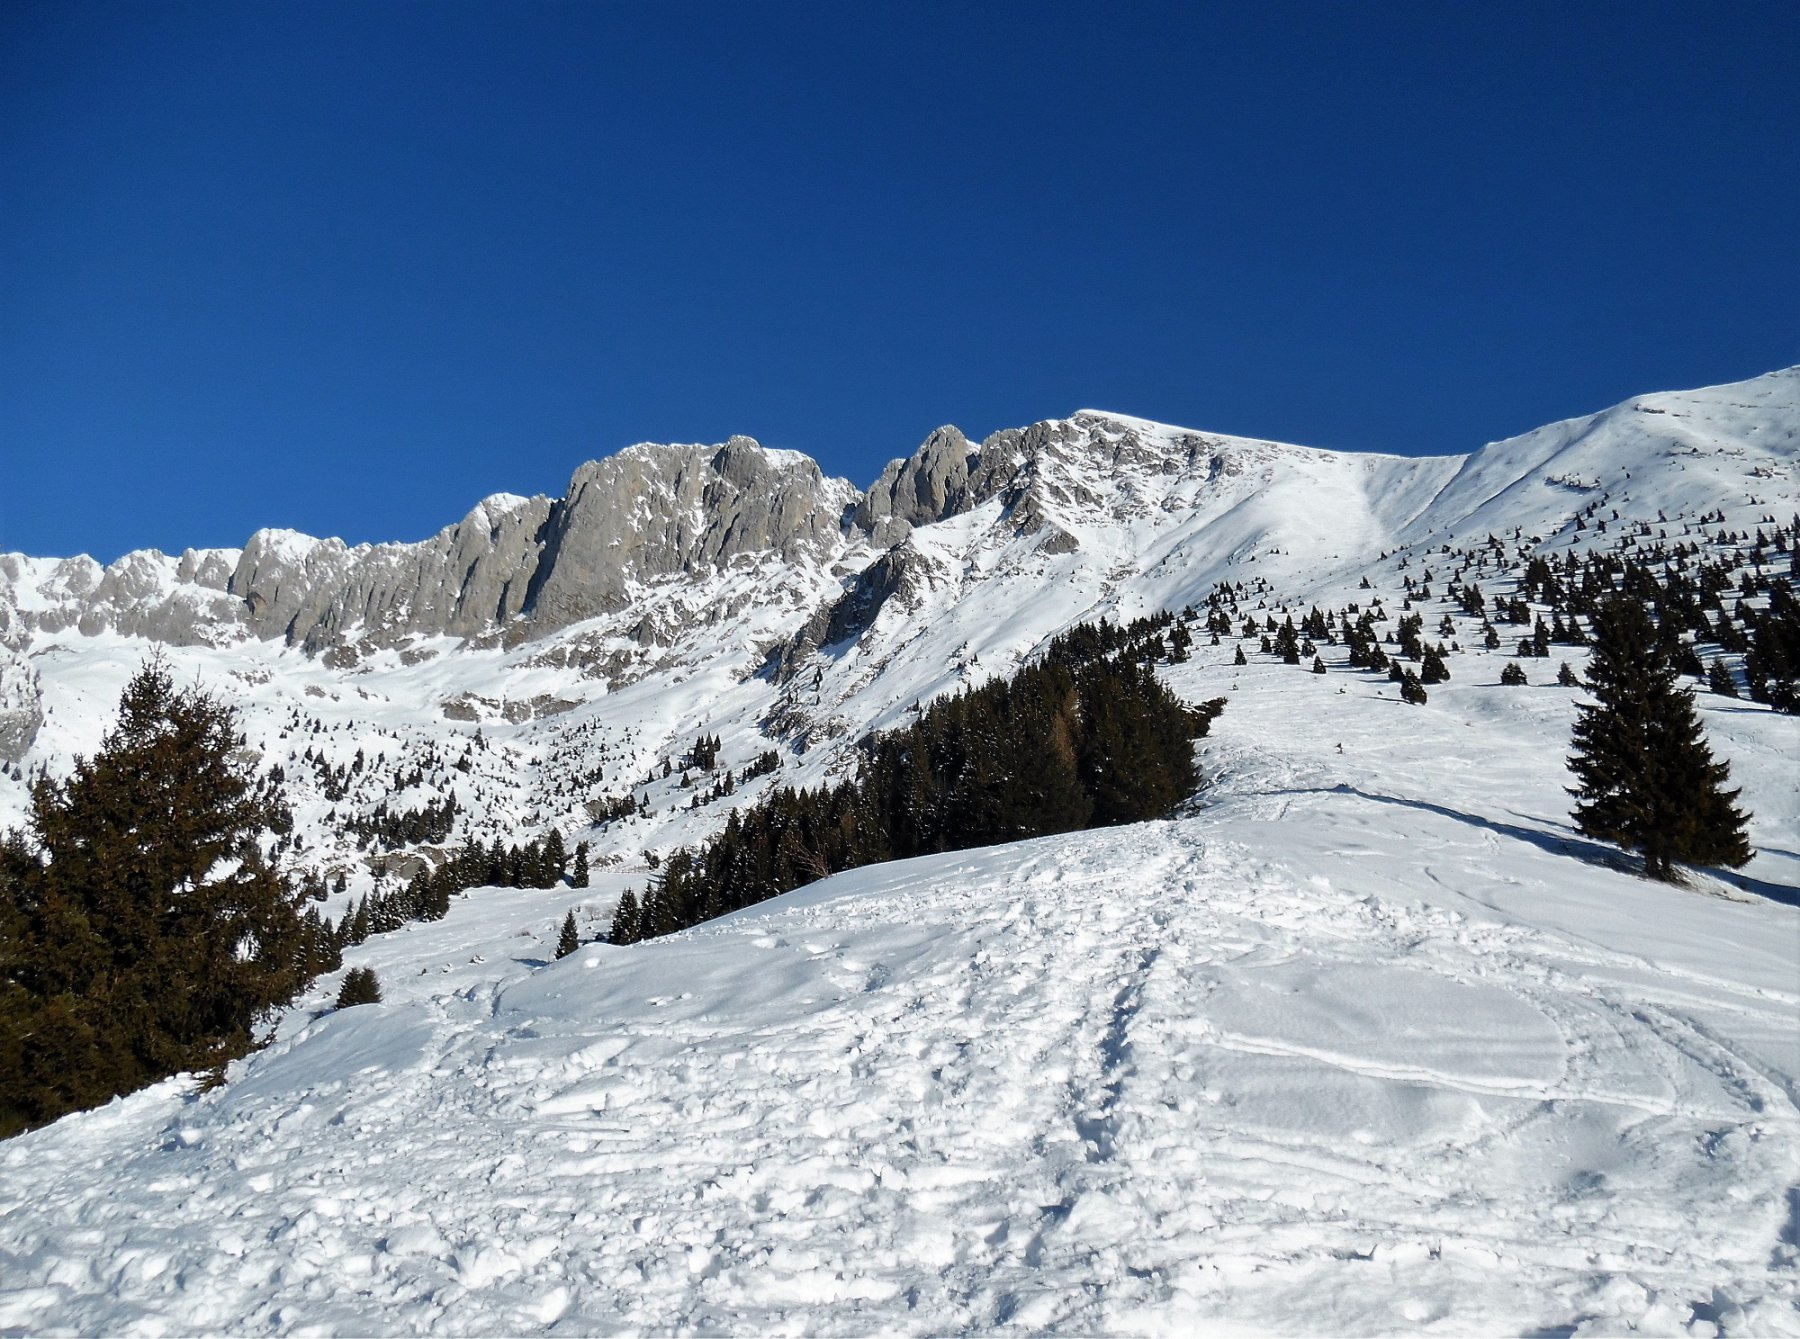 Da poco sopra il Cassinelli, la Presolana e, sulla sua destra, il Visòlo